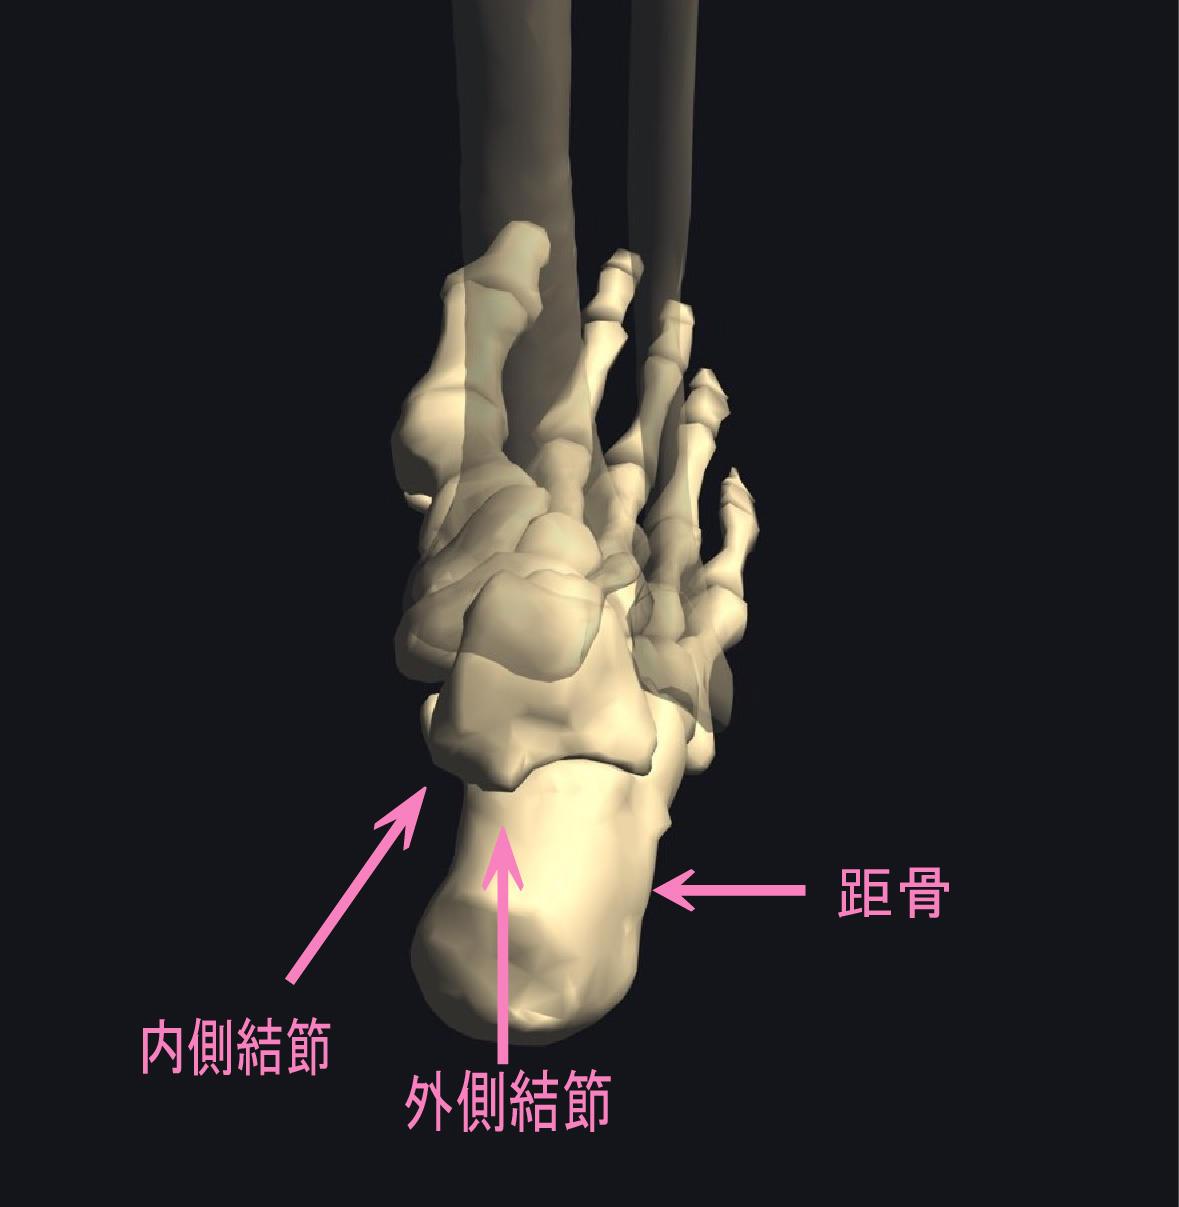 アキレス腱の外側の痛み「三角骨障害」